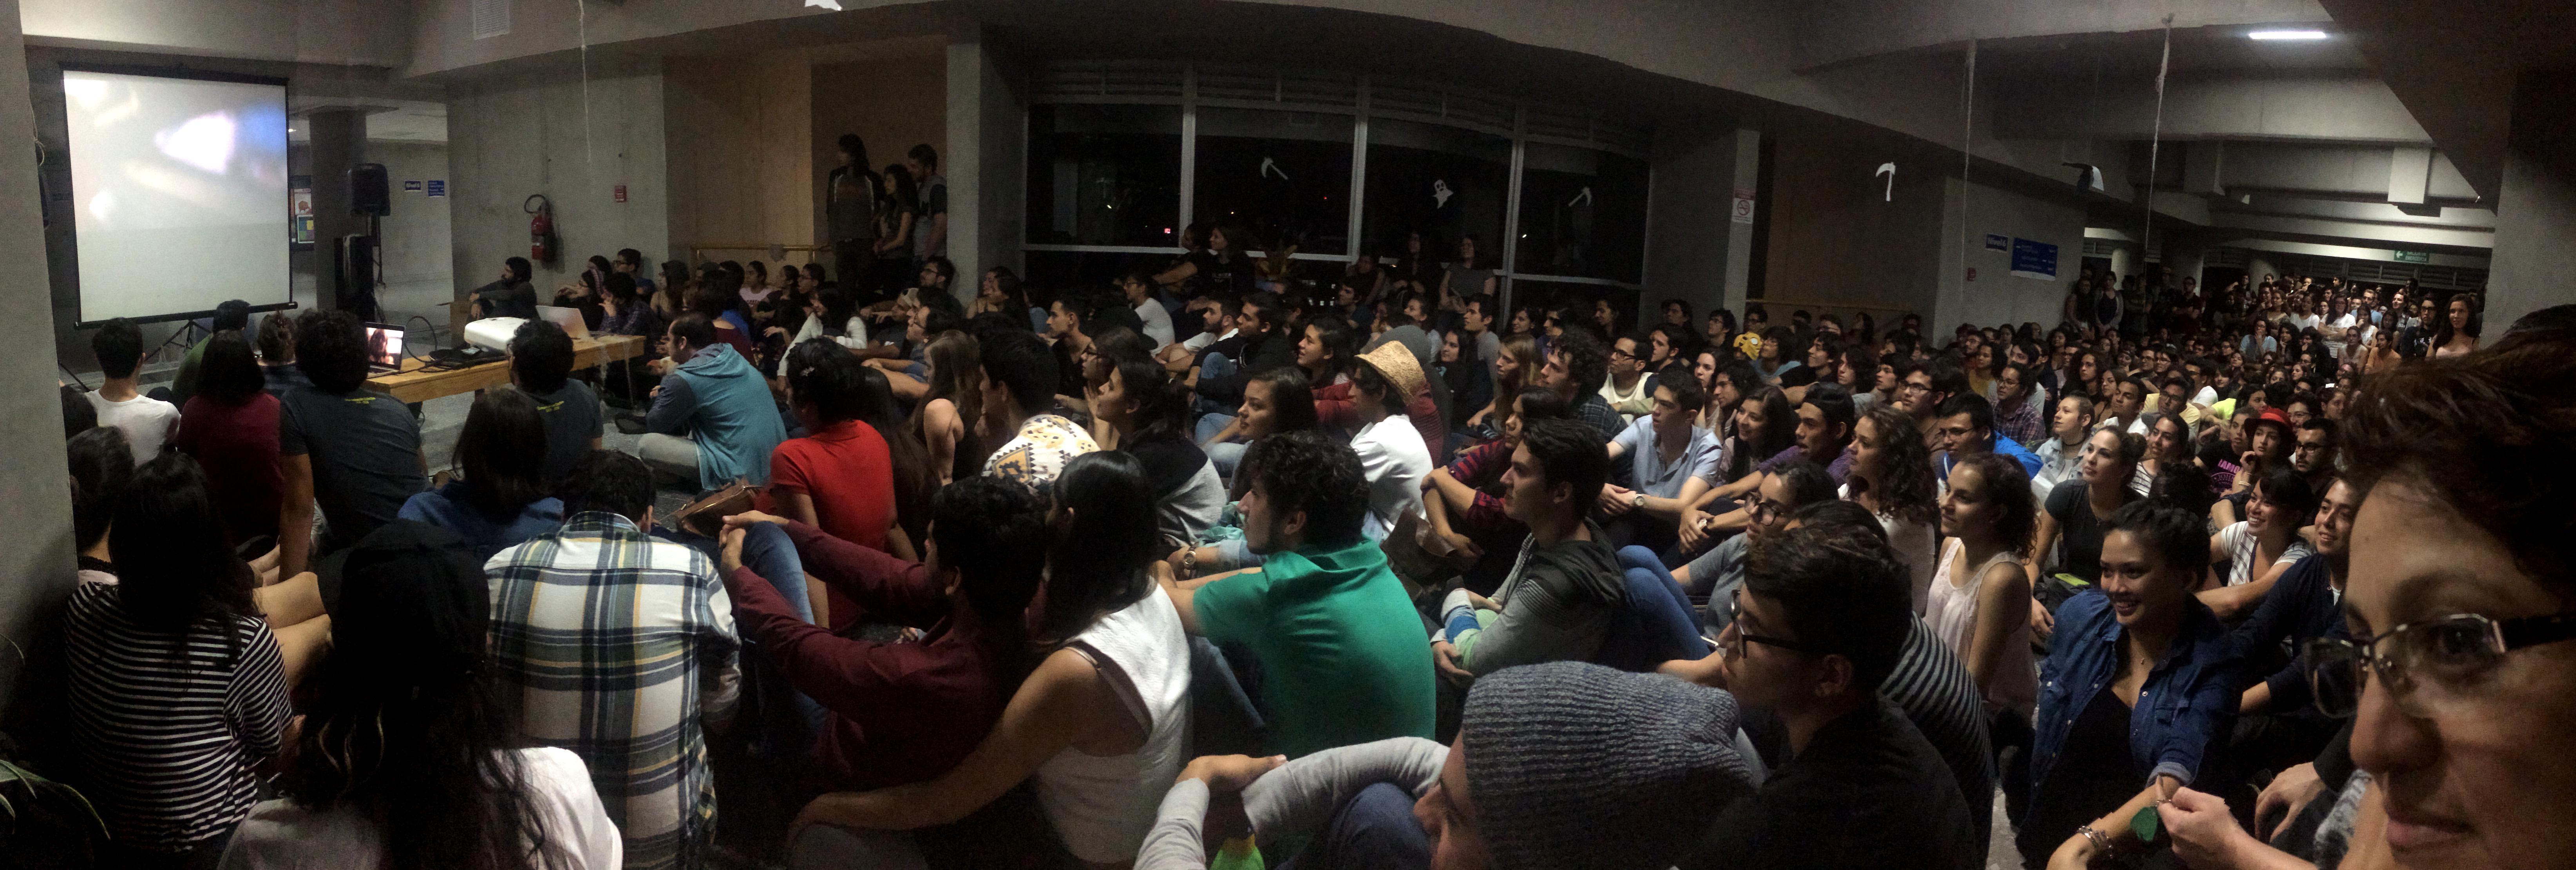 La iniciativa de estudiantes de Comunicación Ultratumba UCR llenó el sexto piso del edificio de Ciencias Sociales la noche del jueves de Semana U. Foto: Carlos Quesada/ECCC.